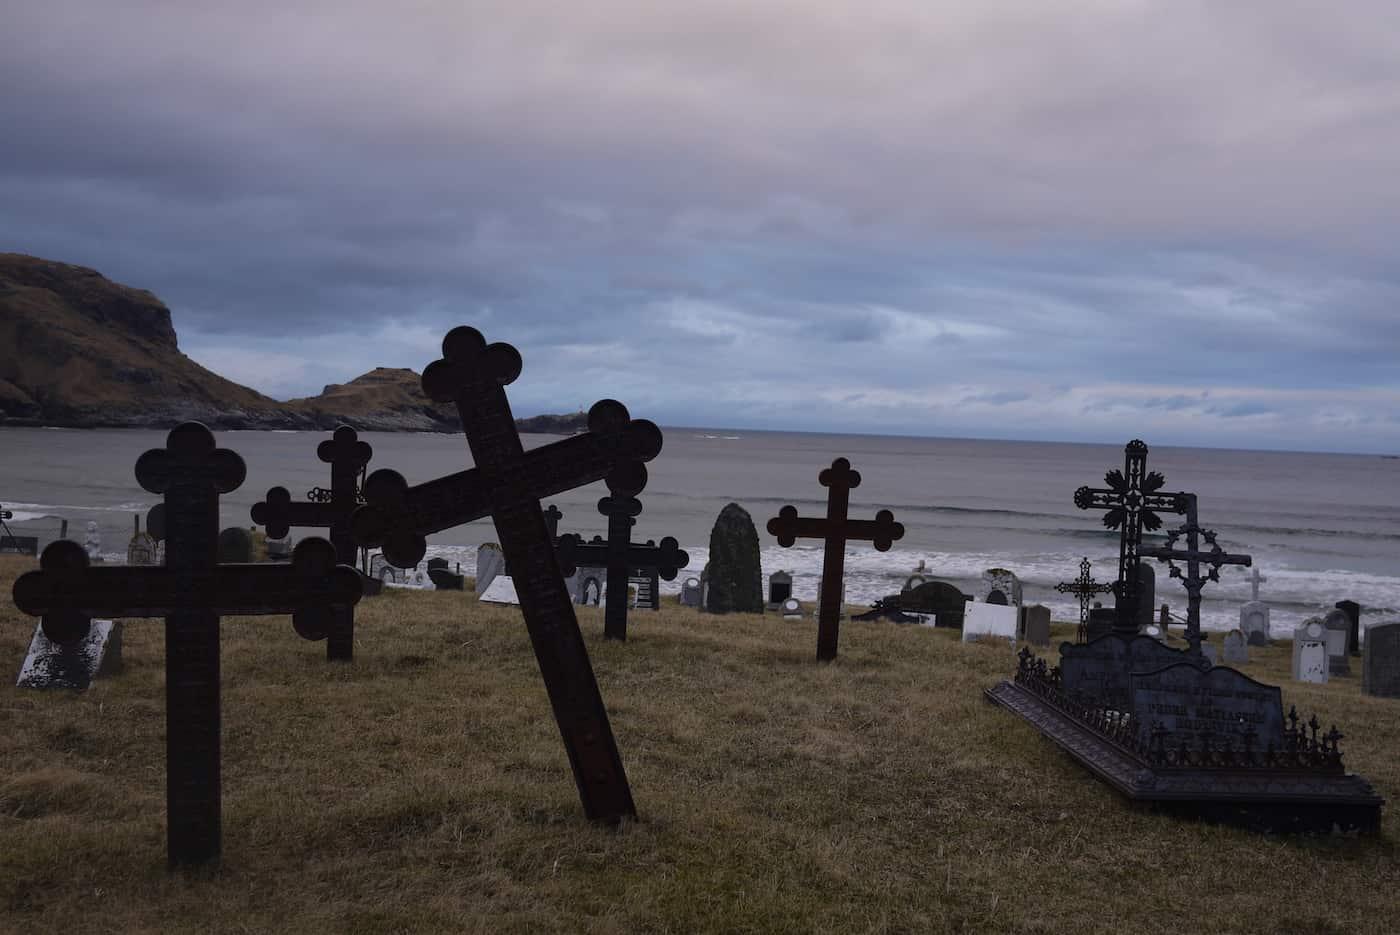 Ervika kirkegård og surfespot